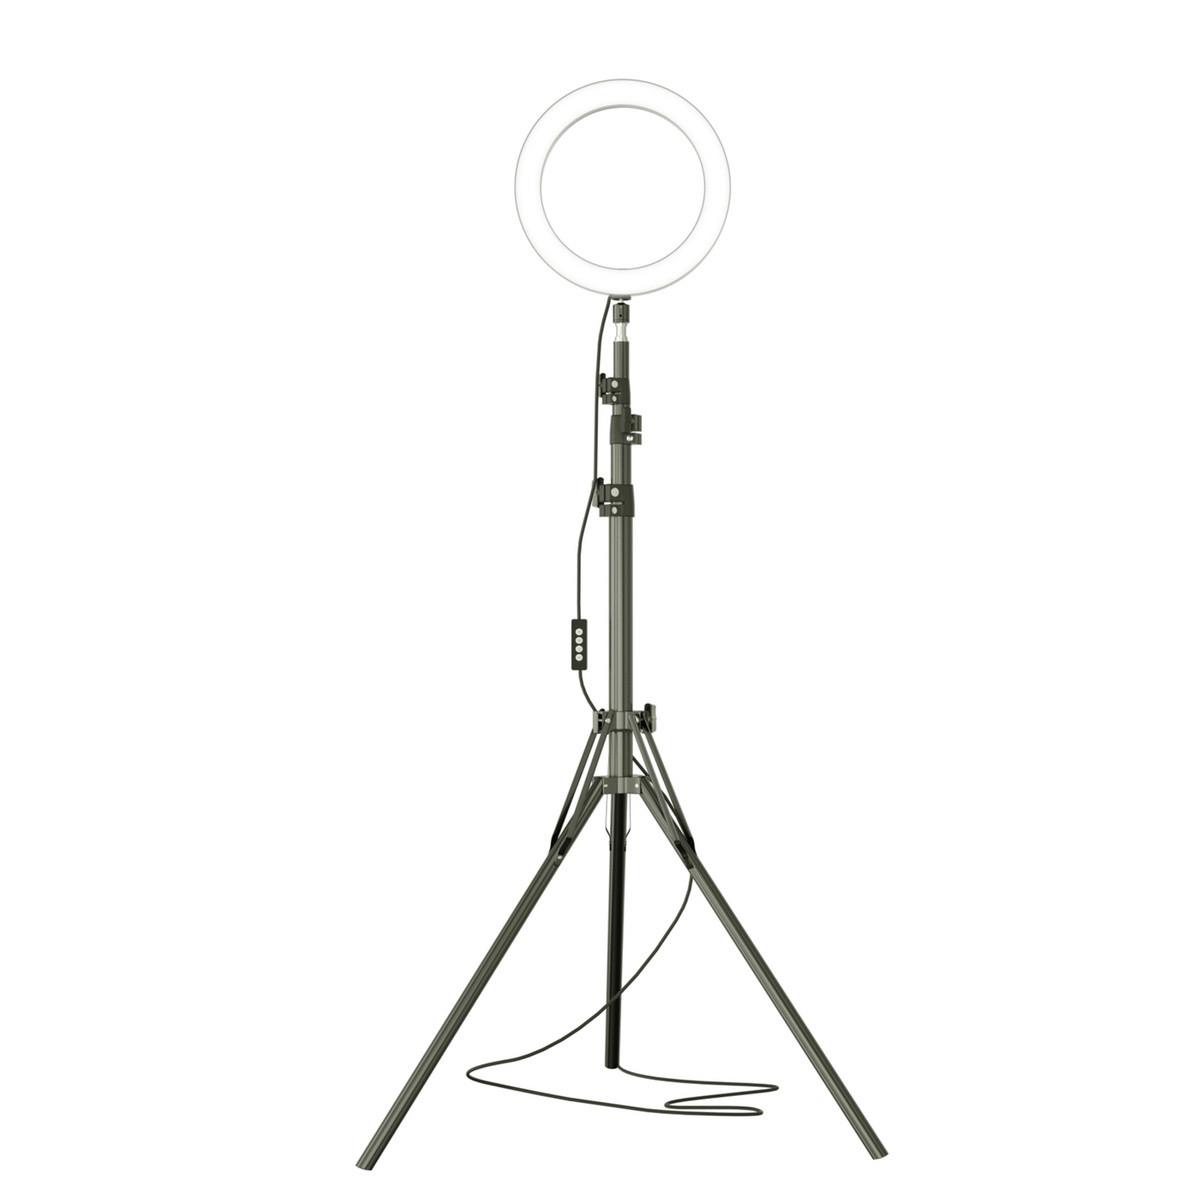 Кольцевая лампа LED со штативом 200см для профессиональной съемки, фото 4